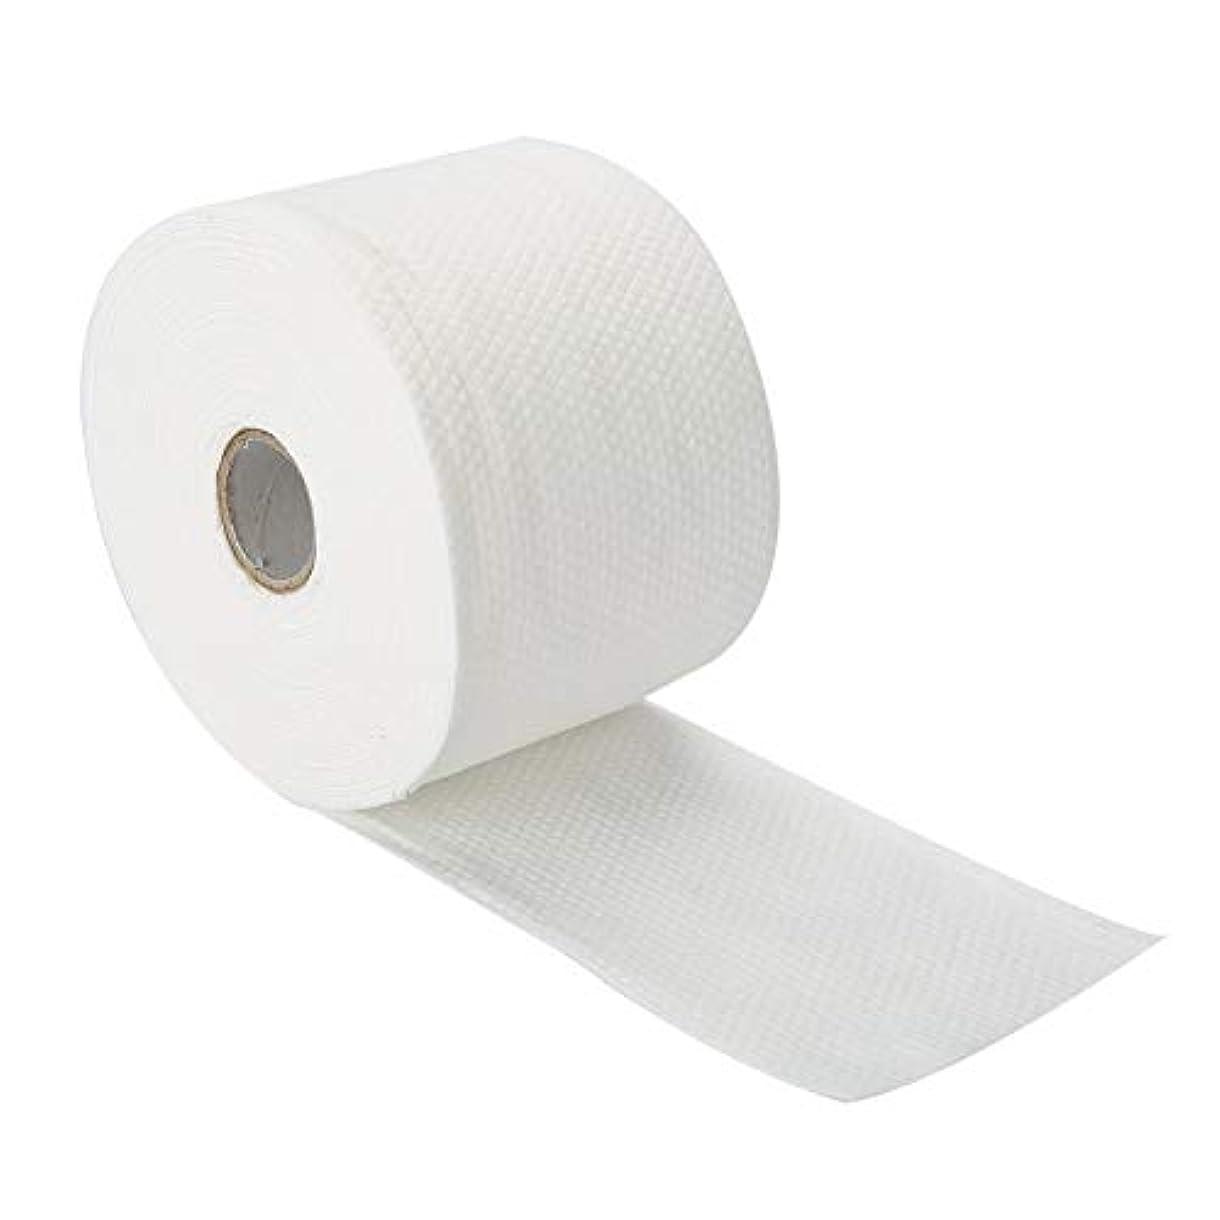 白内障死すべき君主制構造の使い捨て可能 表面 タオル 柔らかい Nonwoven クリーニングの化粧品の綿パッド25m